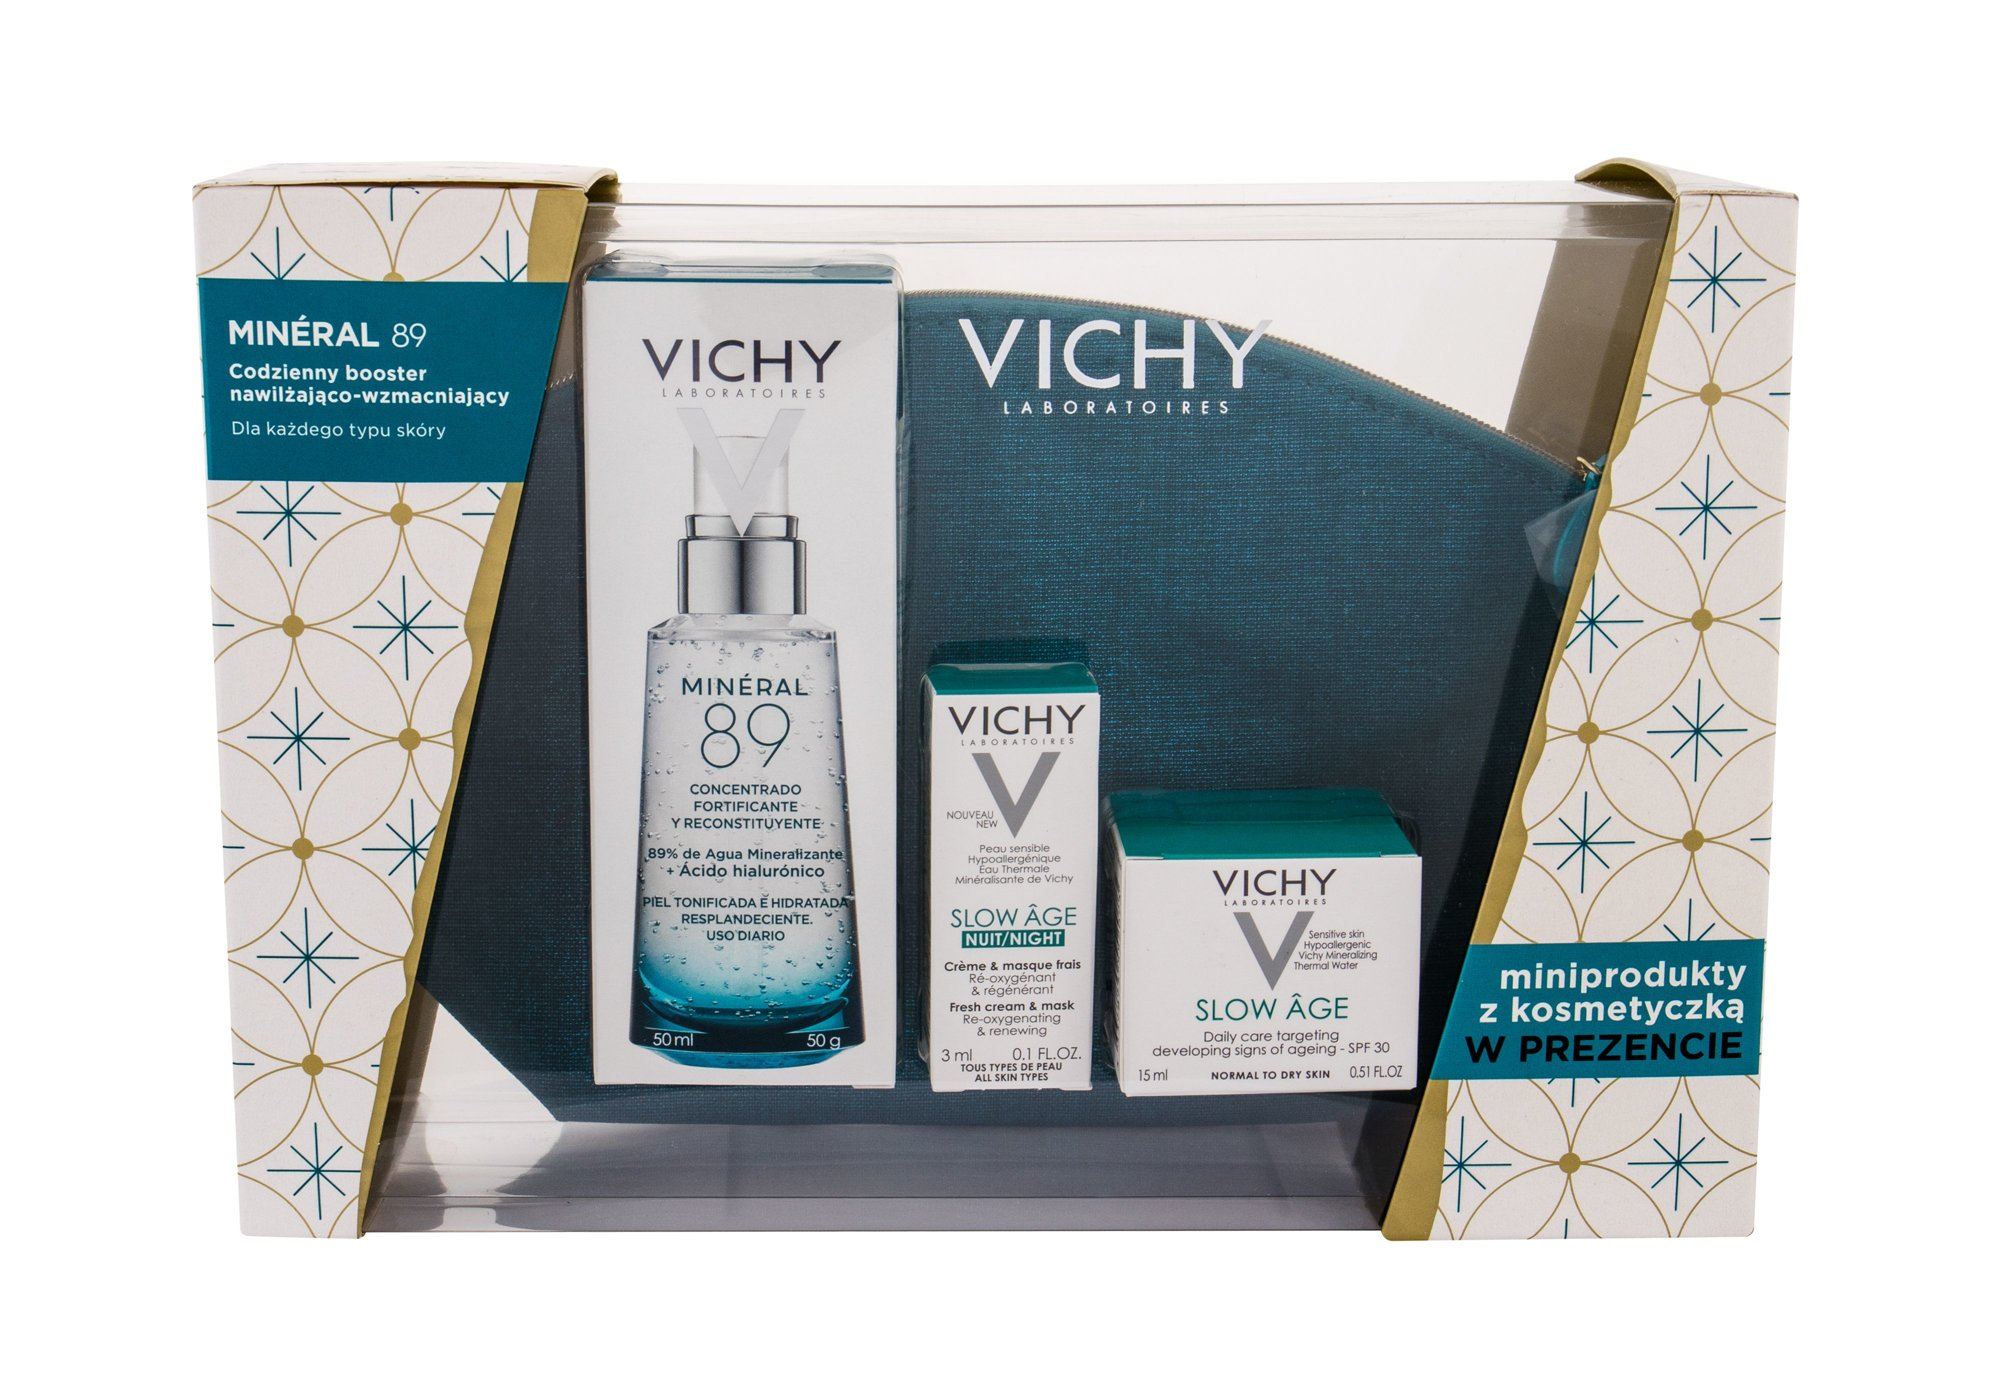 Vichy Minéral 89 Skin Serum 50ml